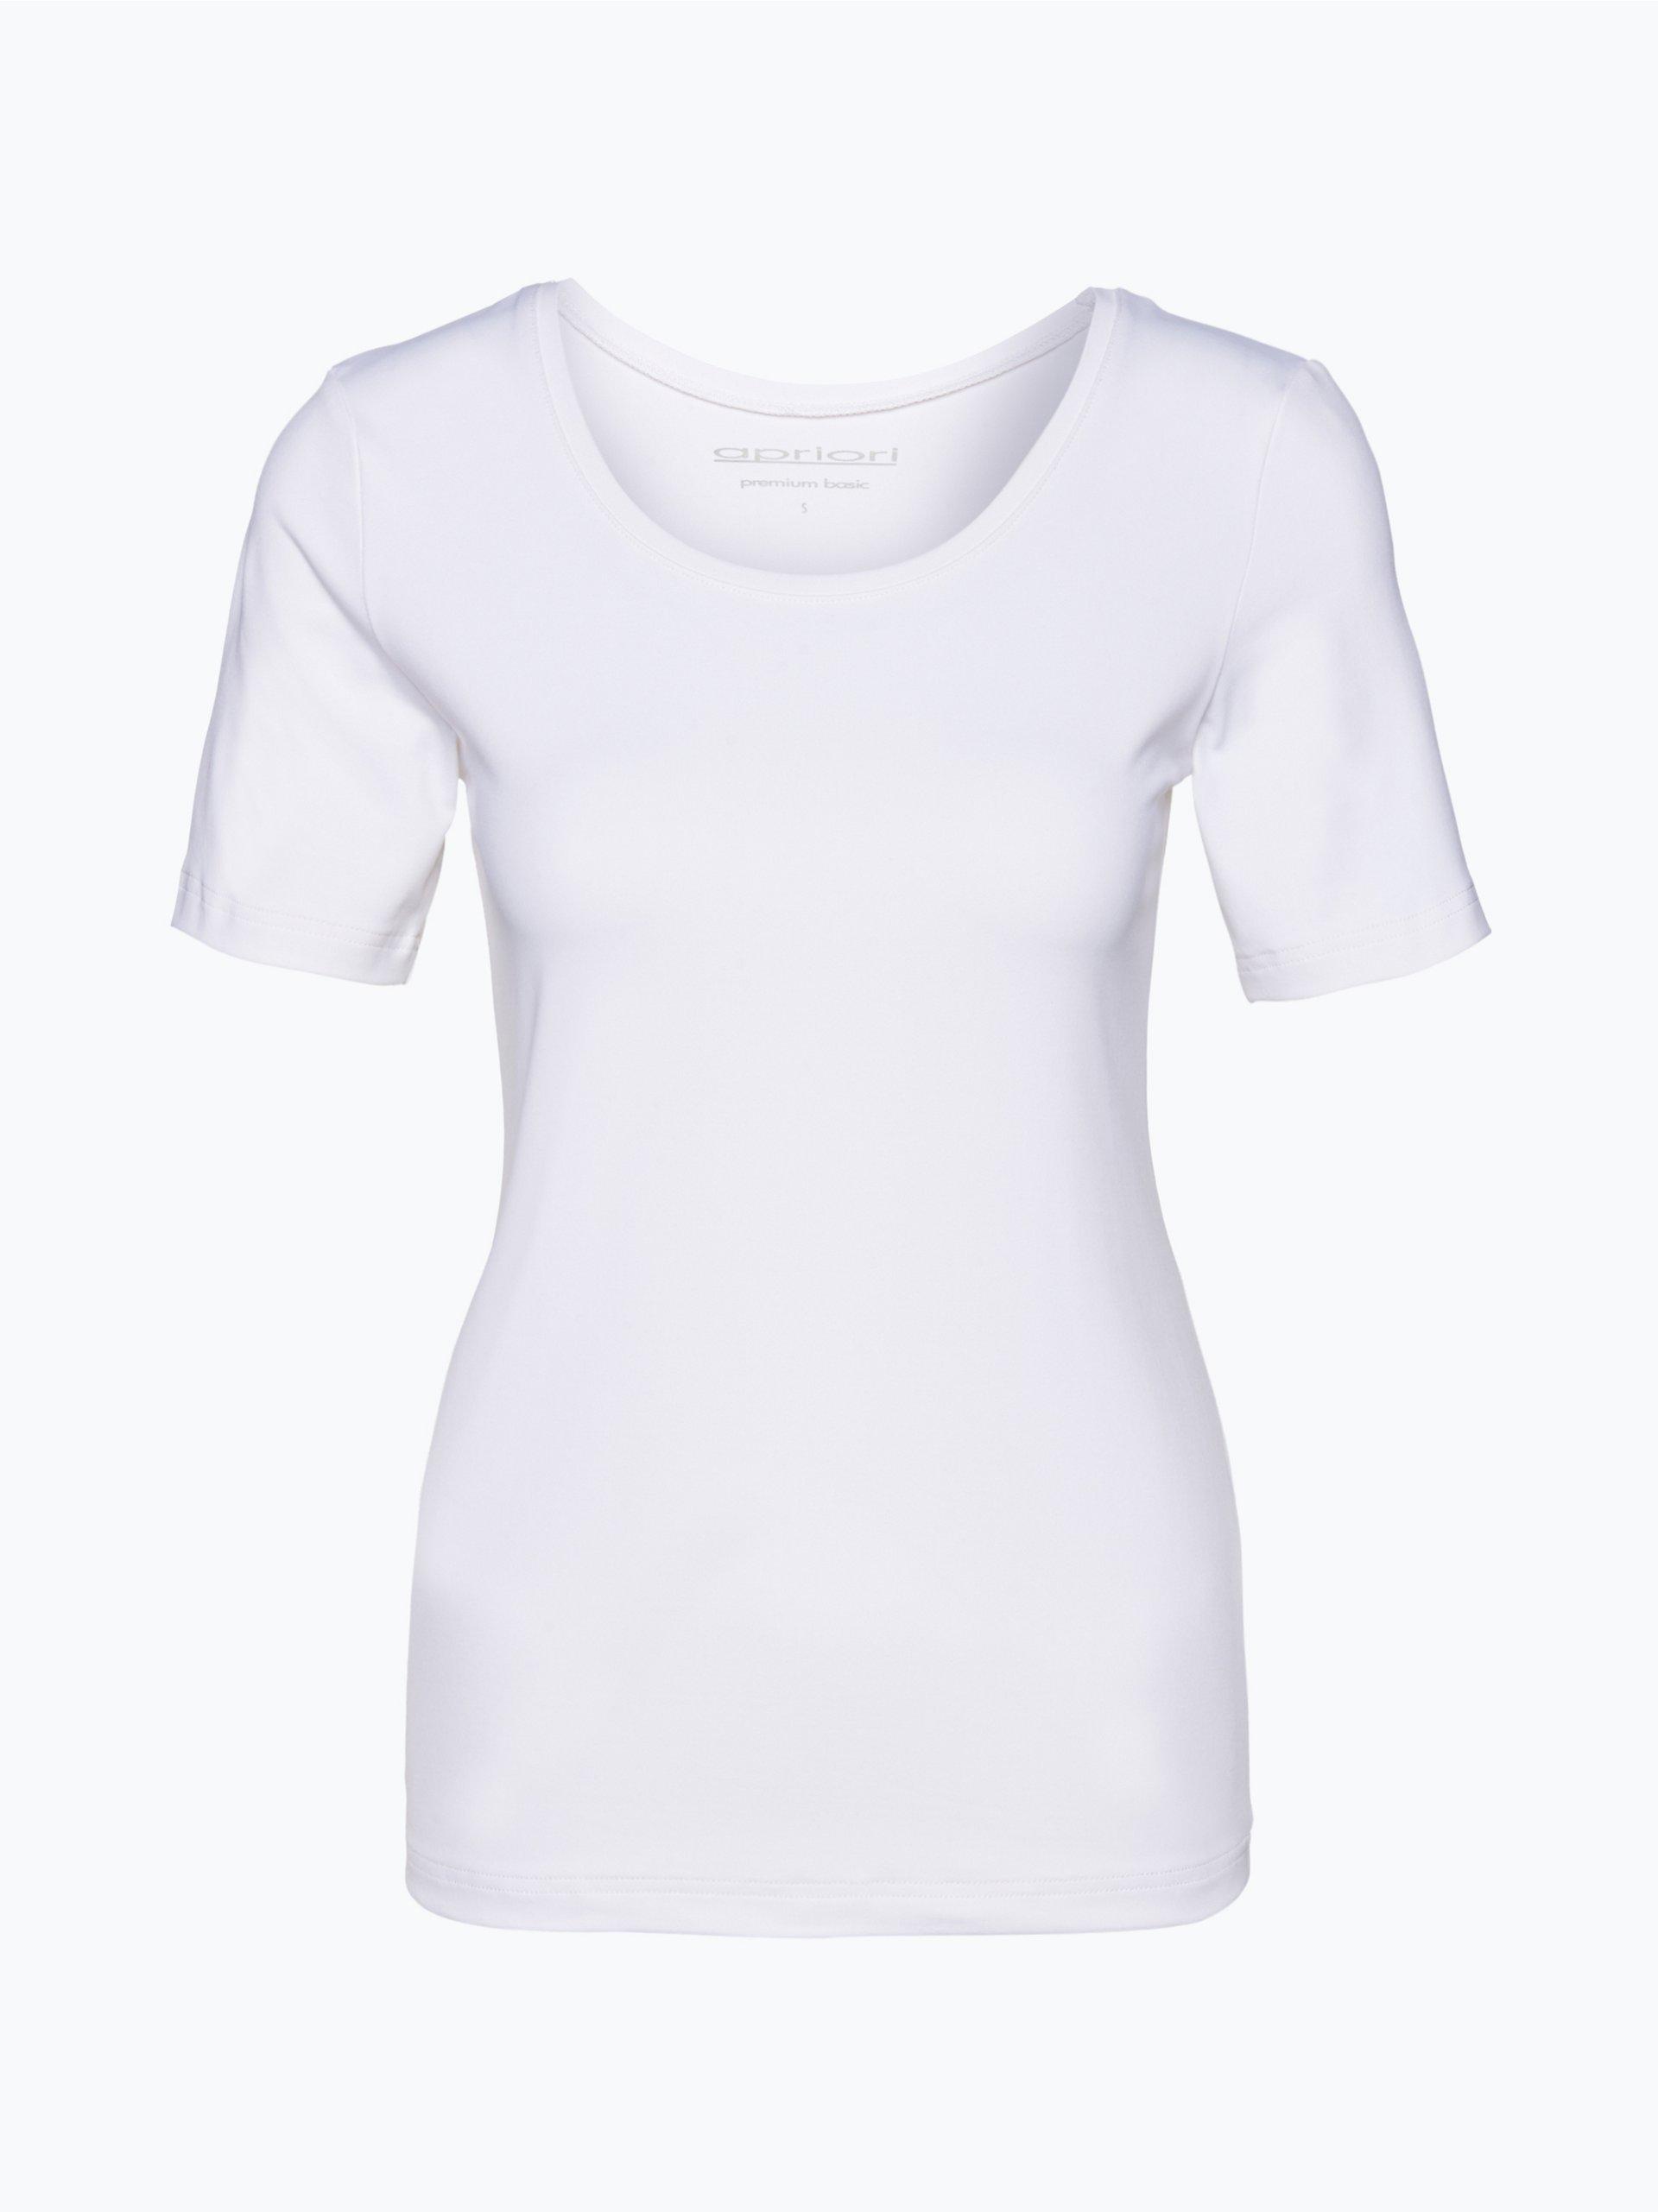 22b9ea9f71e9 Apriori Damen T-Shirt  2  online kaufen   PEEK-UND-CLOPPENBURG.DE